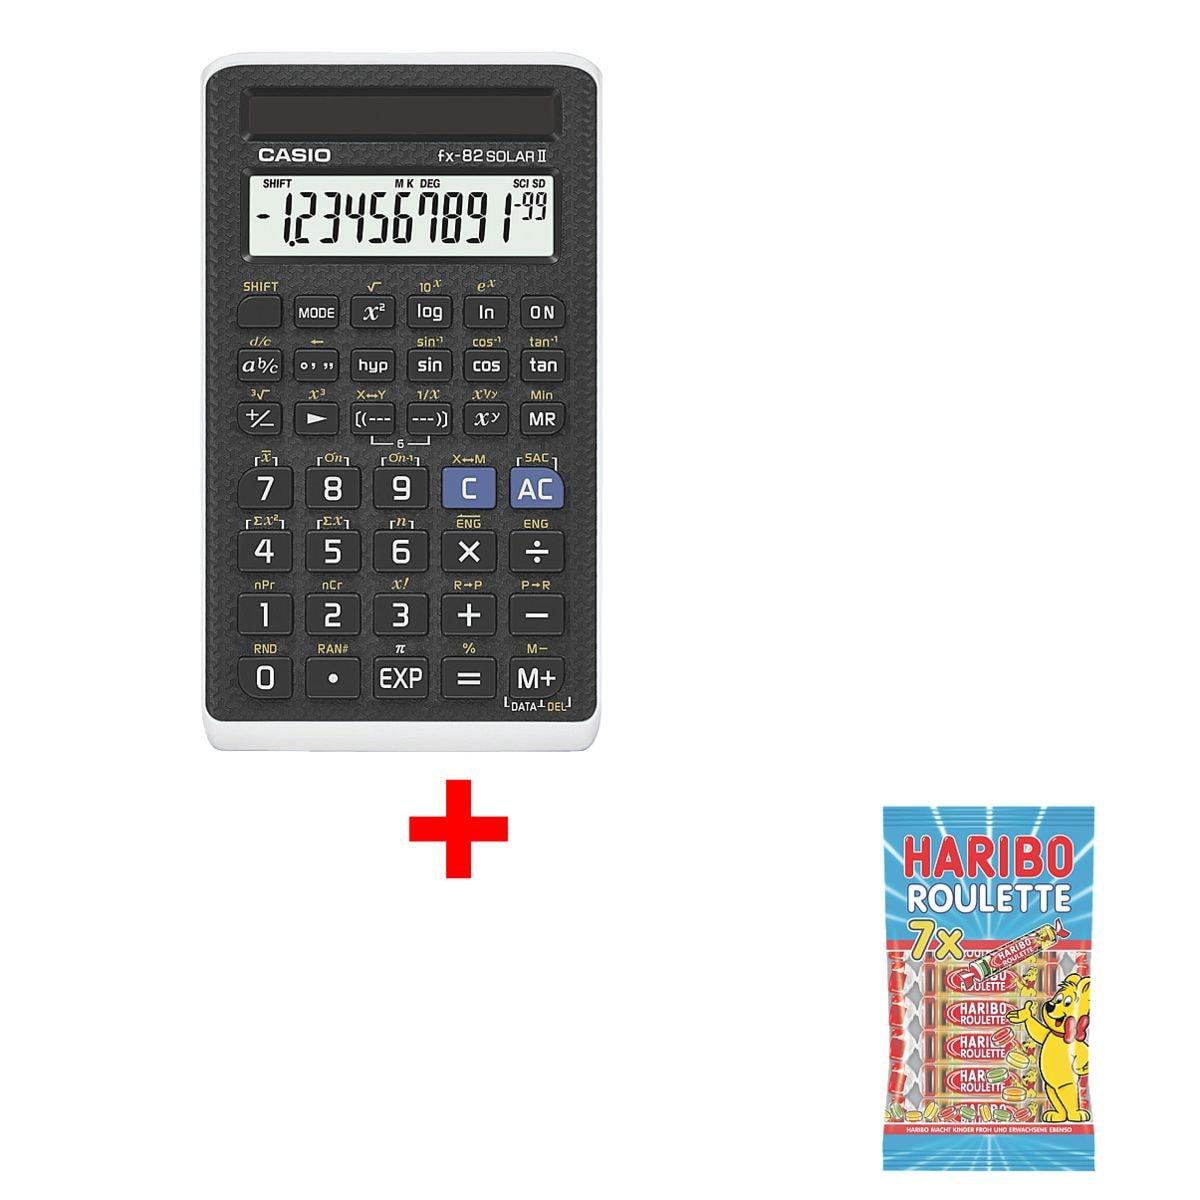 CASIO Calculatrice d'école « FX-82 Solar II » avec bonbons gélifiés « Roulette »